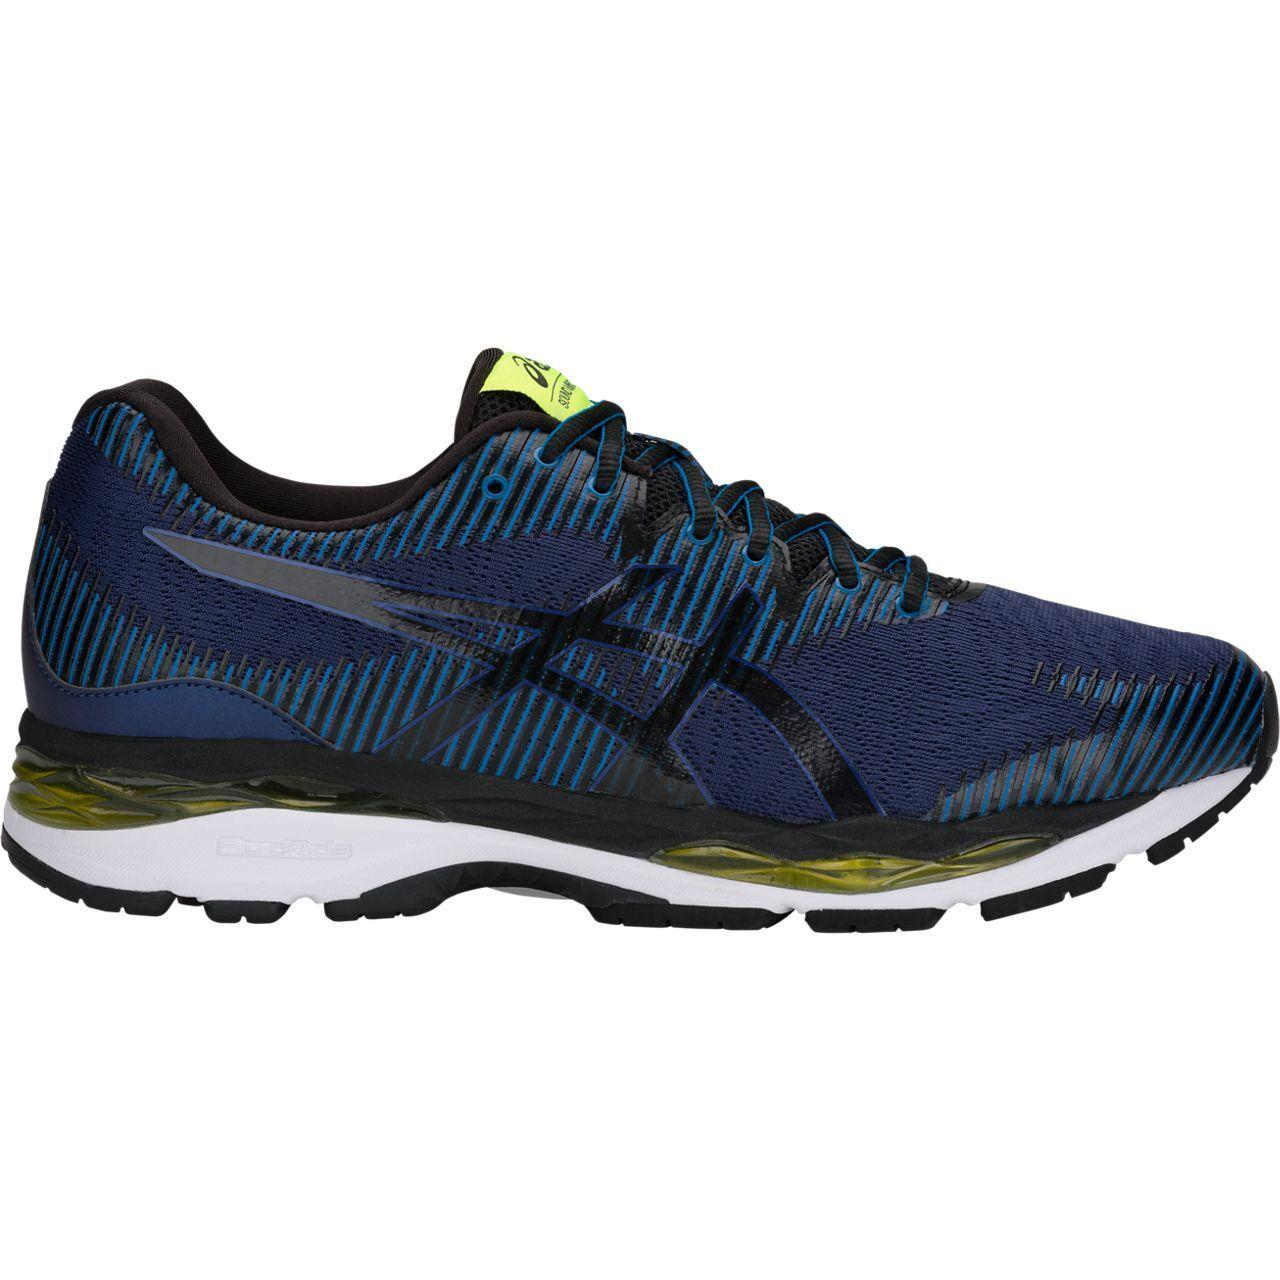 Asics 1011A011-400 GEL-Ziruss 2 Indigo bluee Black Men's Running shoes